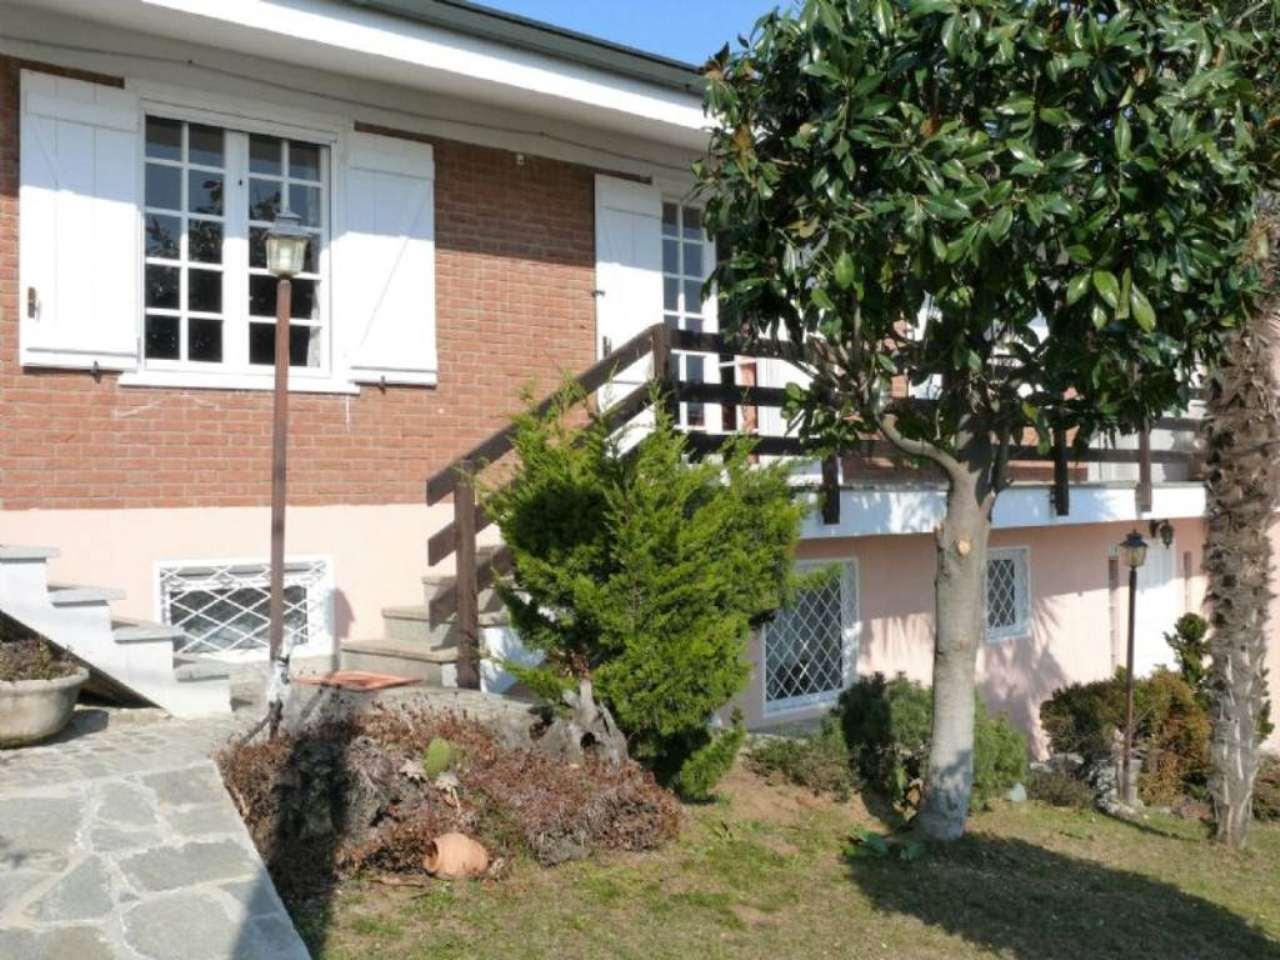 Villa in vendita a Villarbasse, 5 locali, prezzo € 349.000 | Cambio Casa.it